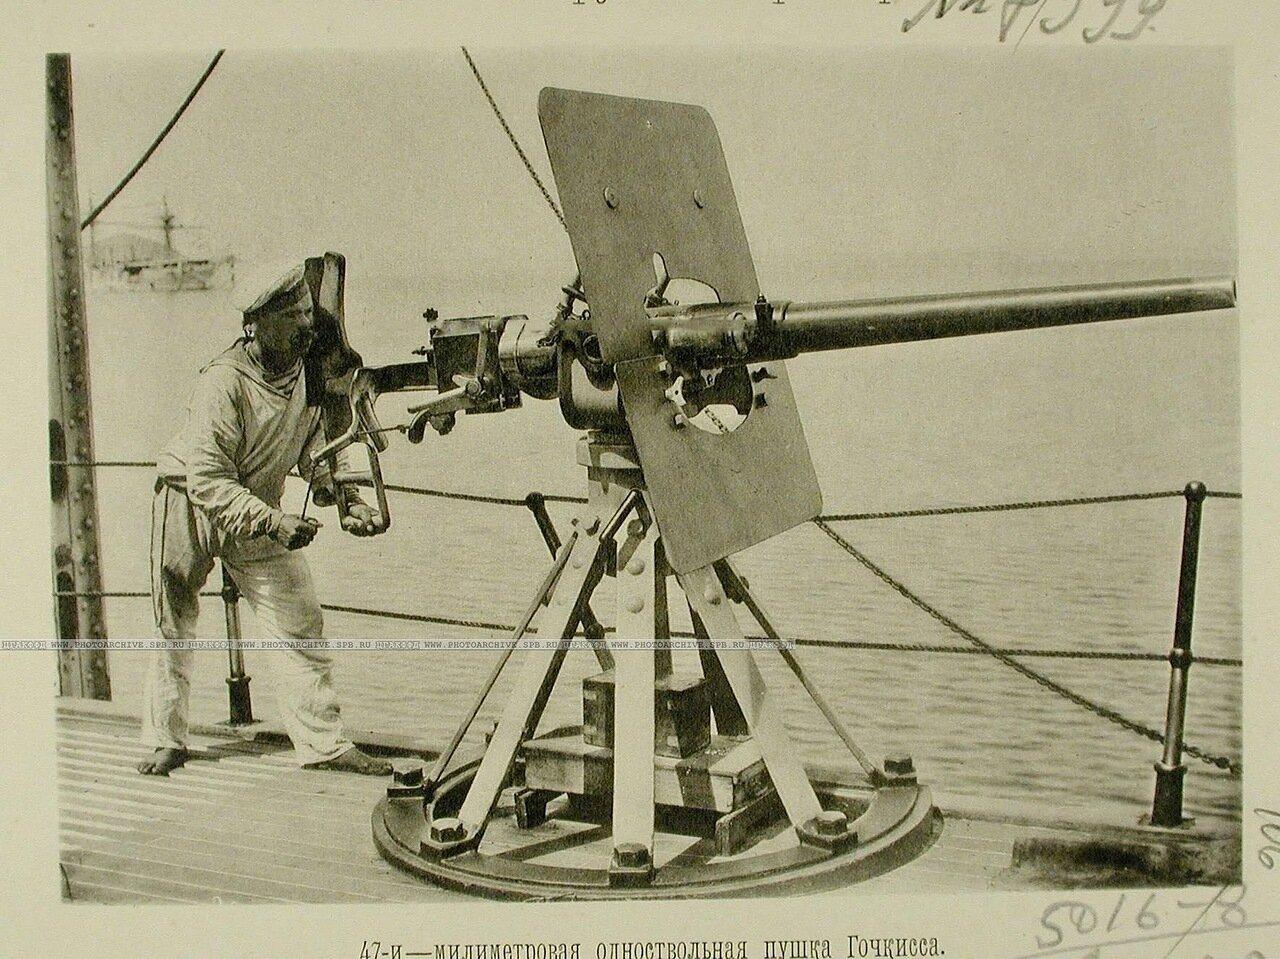 106. Матрос у 47-ми миллиметровой одноствольной пушки Гочкисса, установленной на палубе одного из крейсеров эскадры